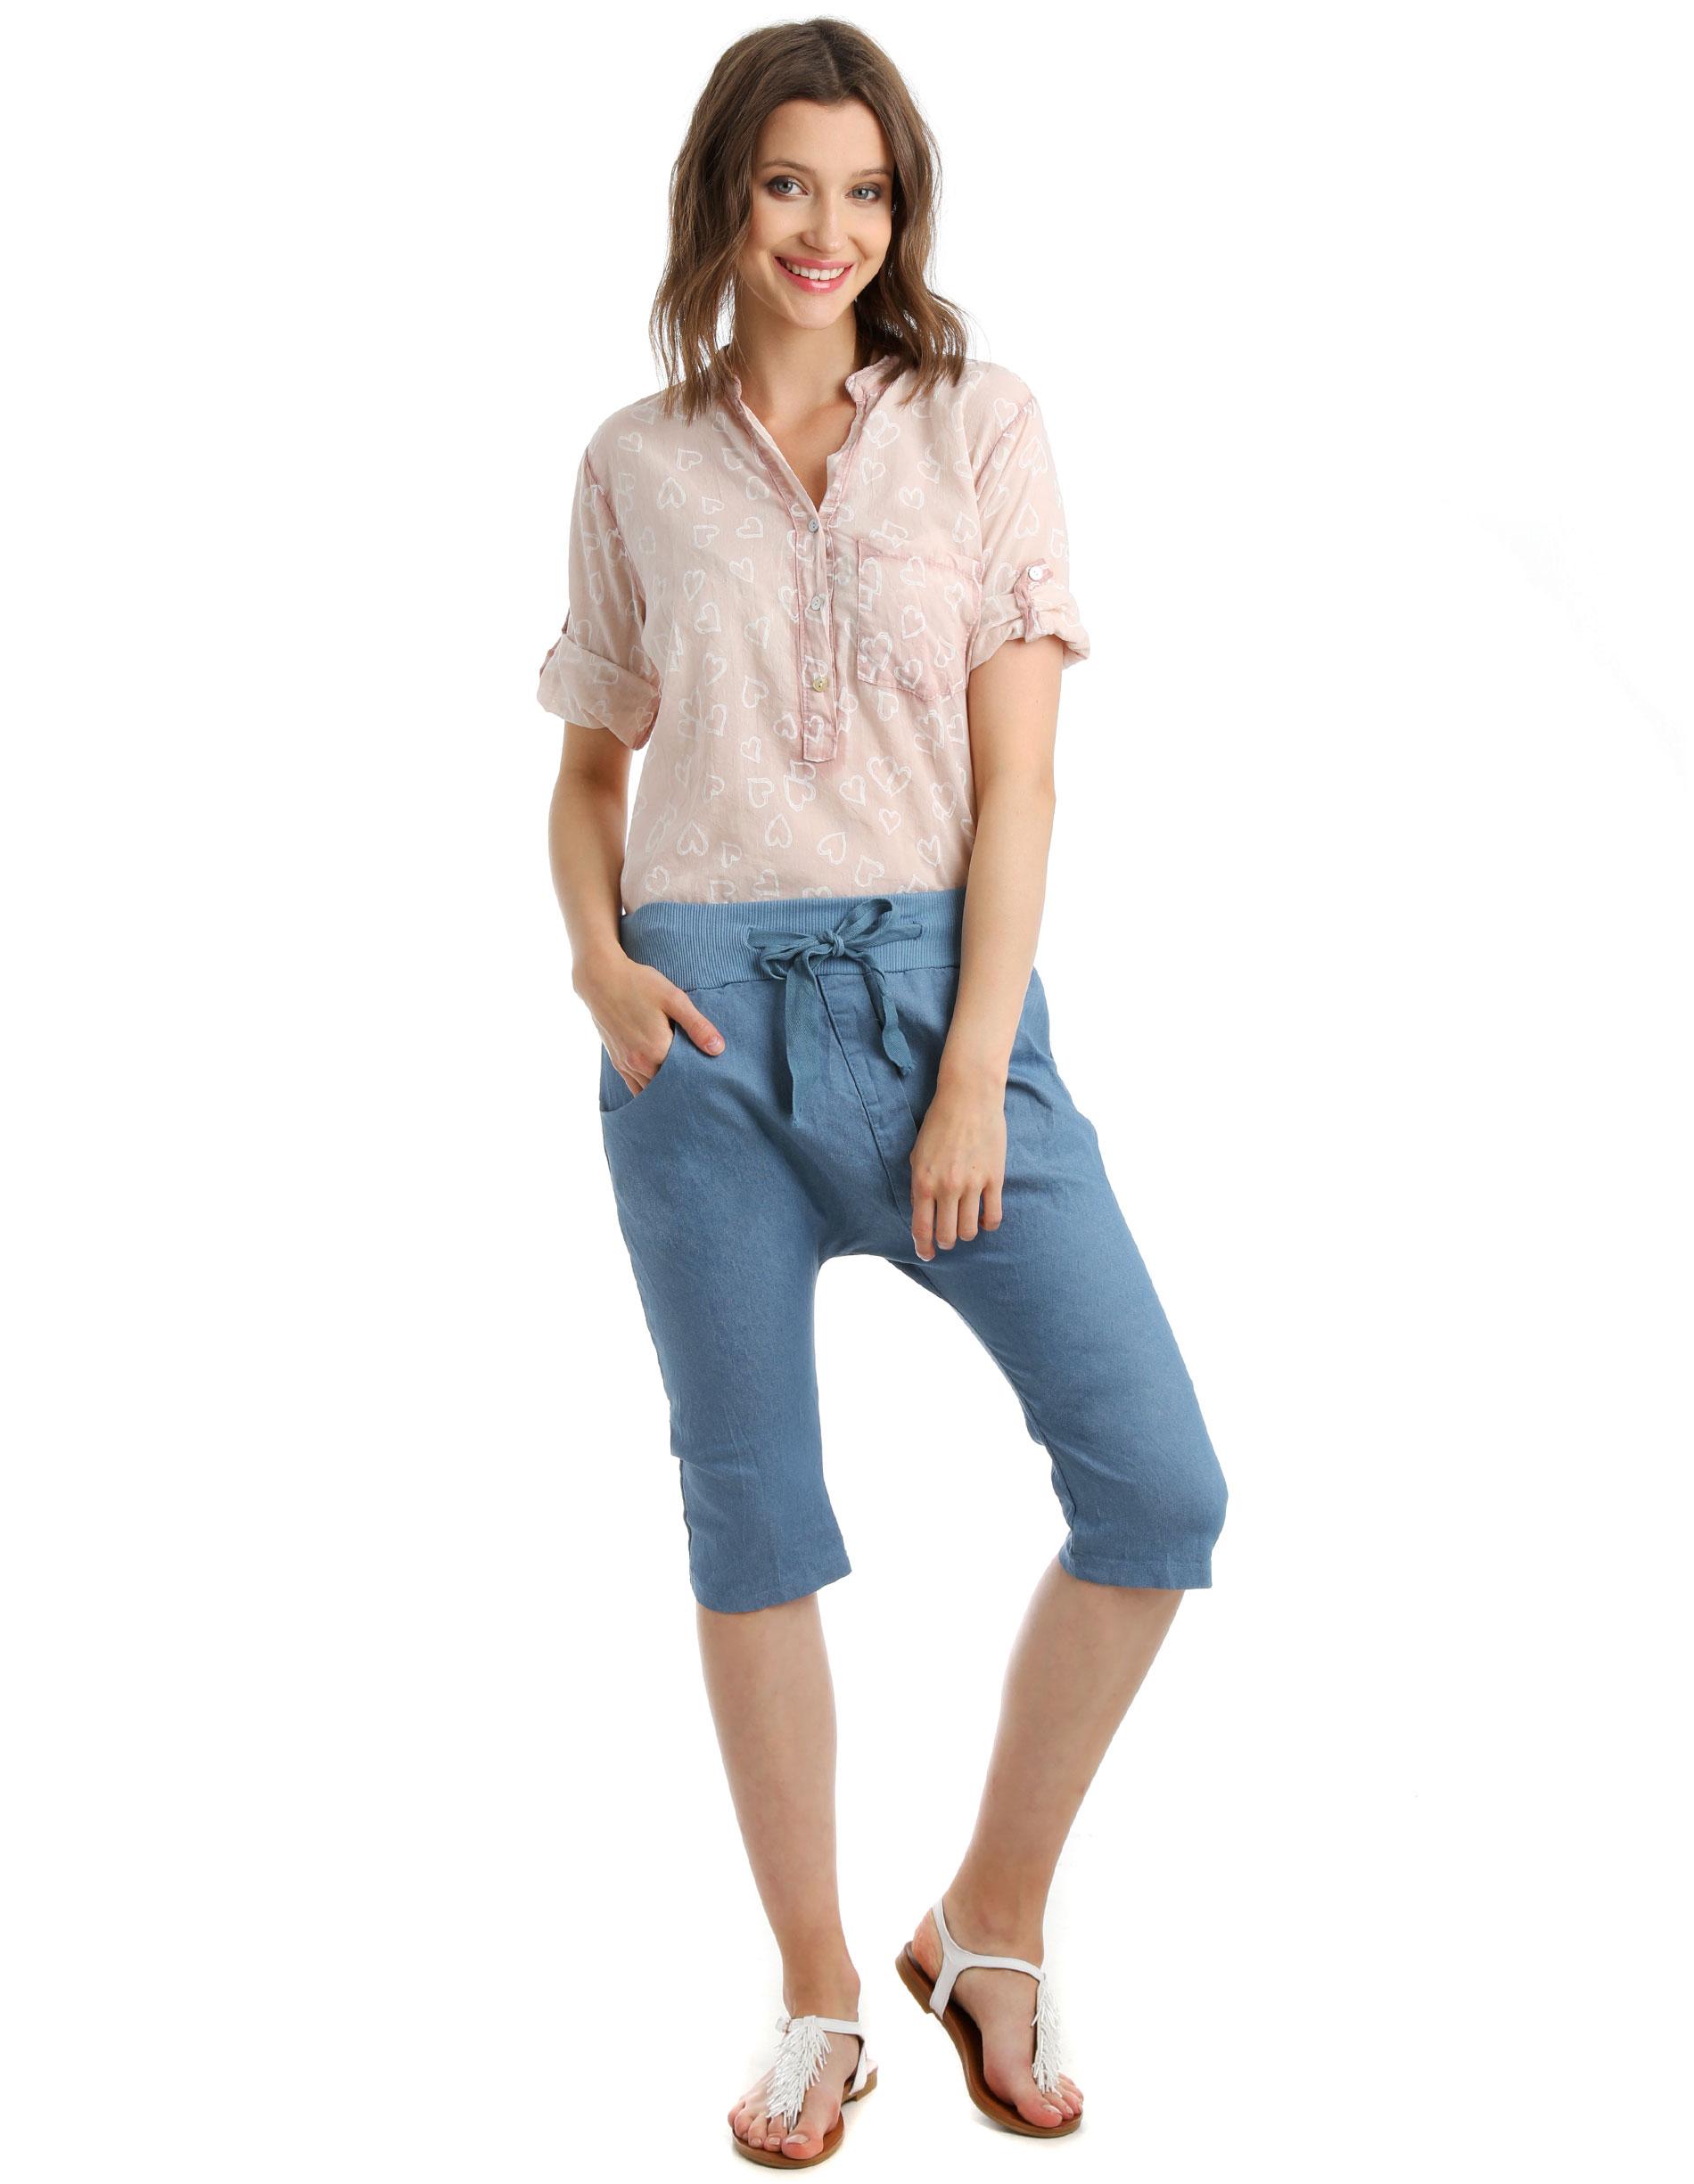 Spodnie - 20-7136 JEANS - Unisono